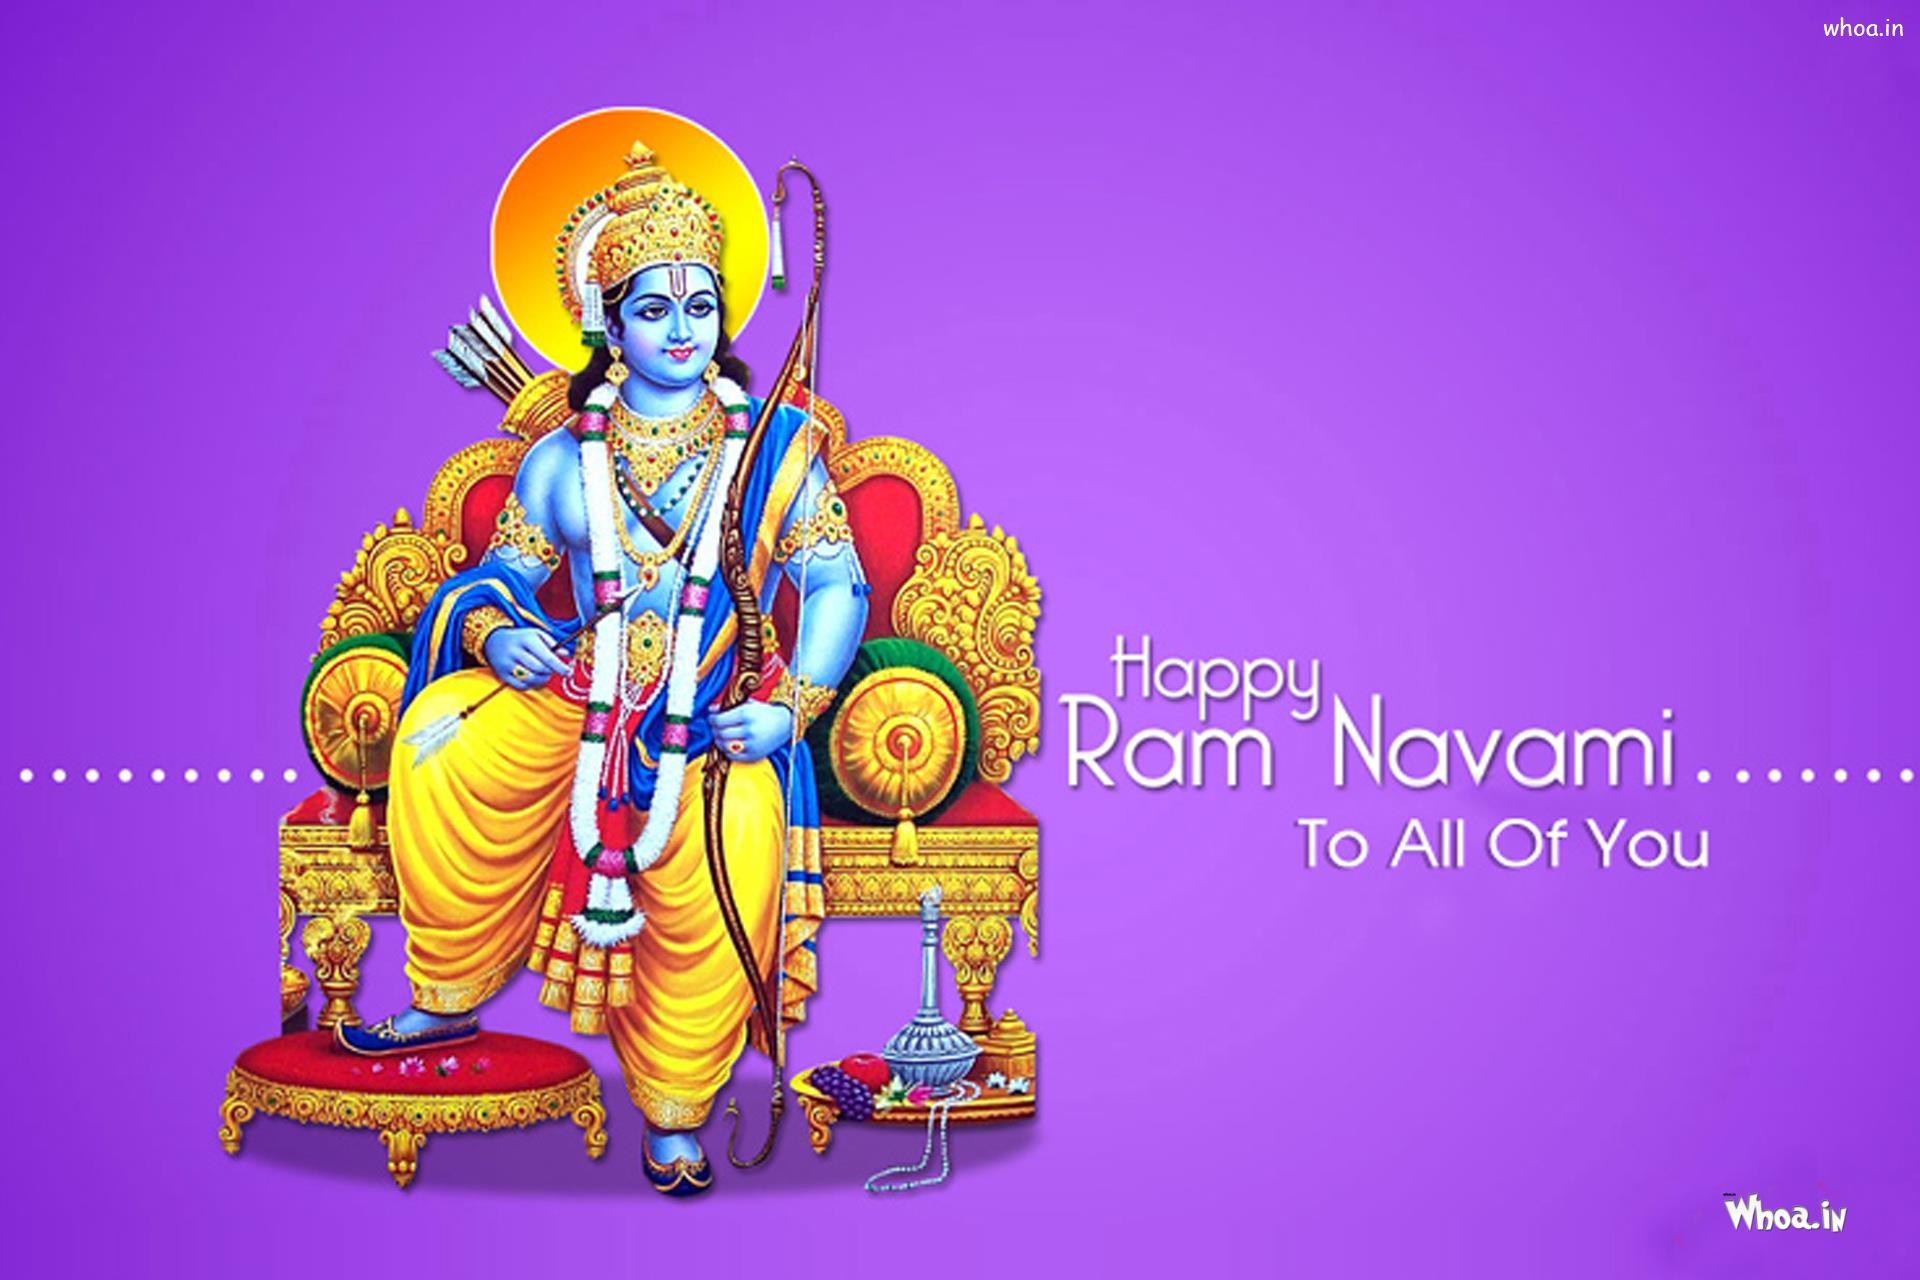 Hd wallpaper jai shri ram - Hd Wallpaper Jai Shri Ram 9